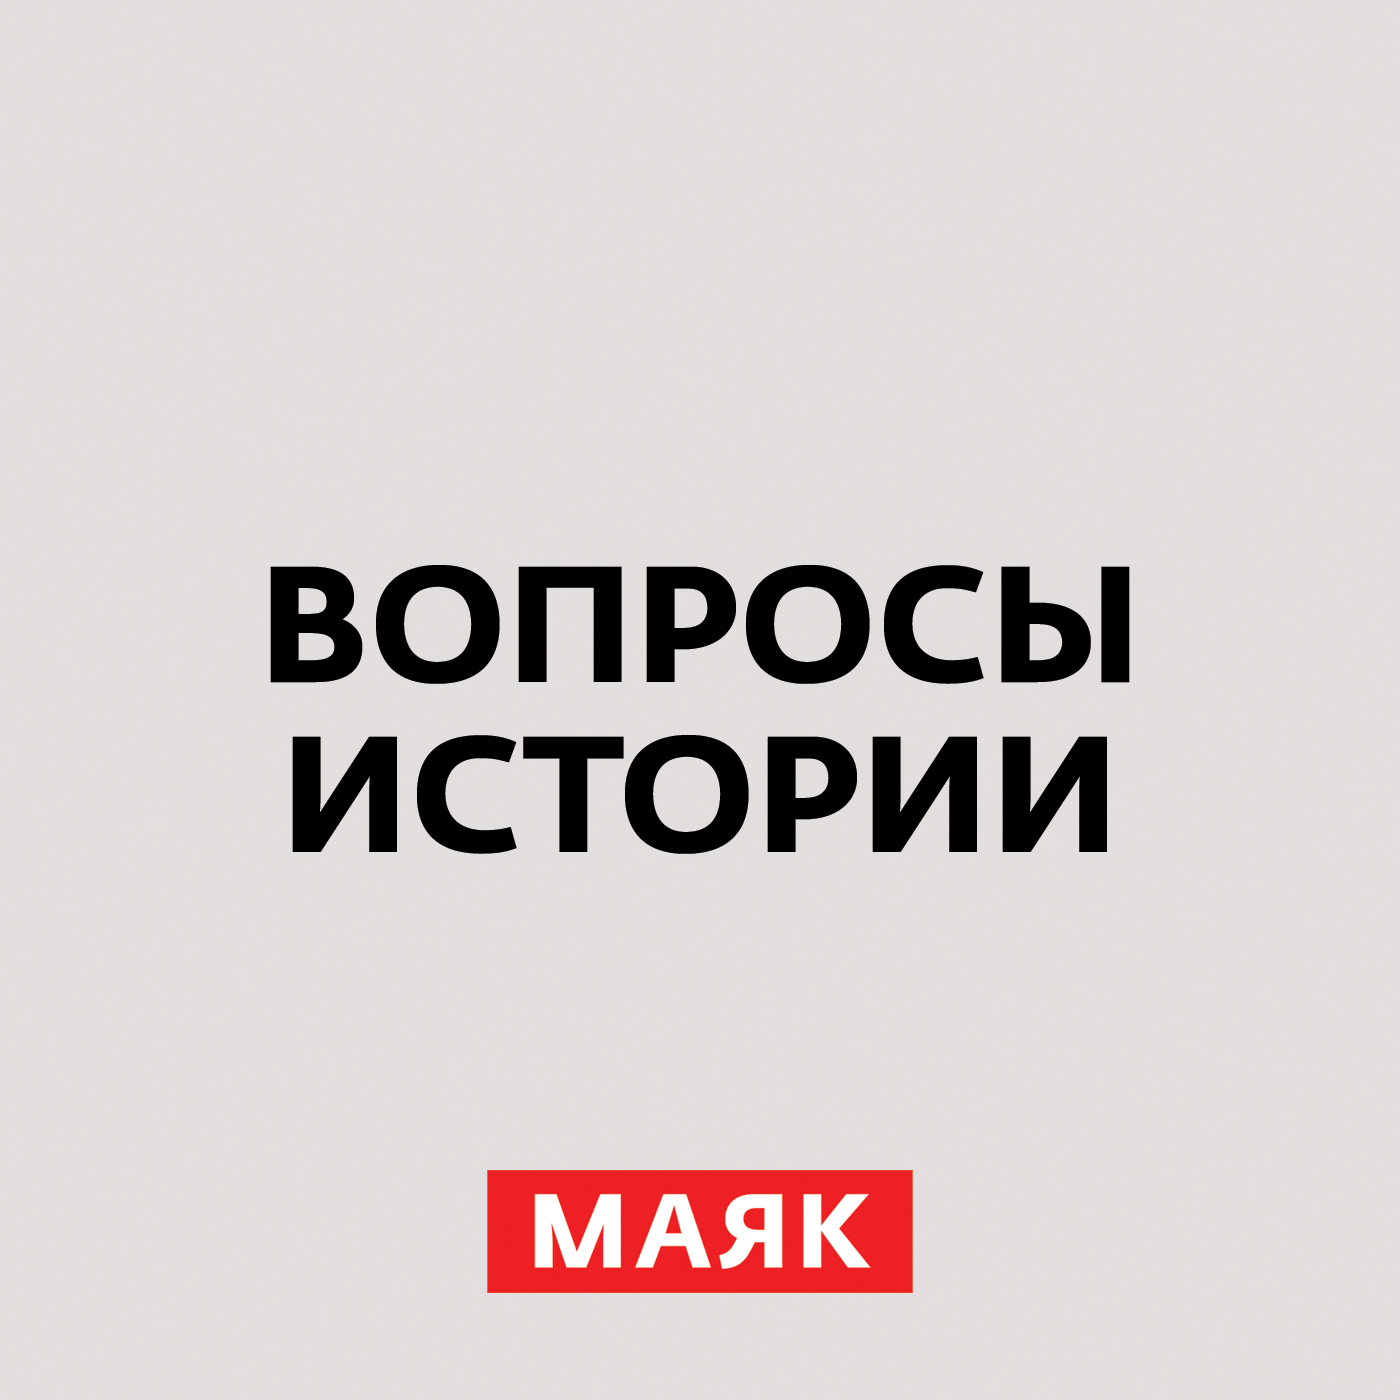 Андрей Светенко Двойной агент: кто это? цена